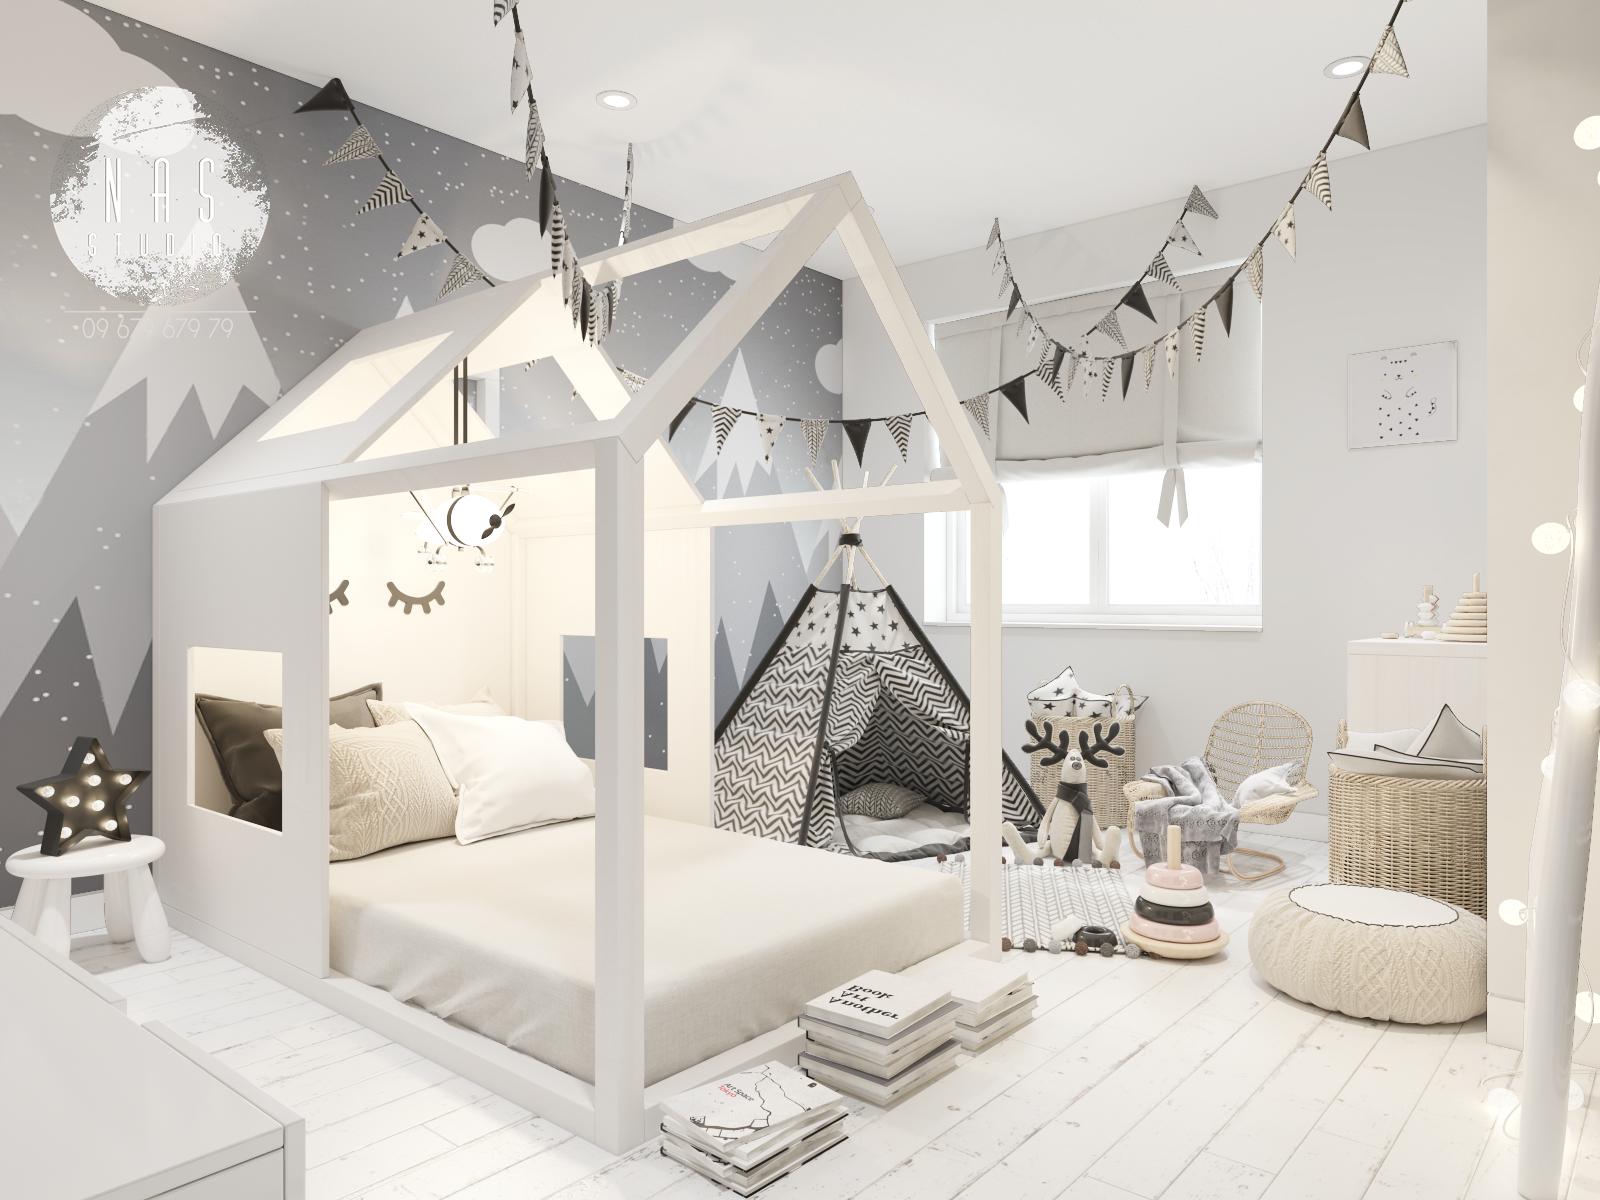 查看此 Behance 项目 Children S Room Scandinavian Style Https Www Behance Net Gallery 51924895 Childrens Ro Cool Kids Rooms Scandinavian Kids Rooms Toddler Rooms